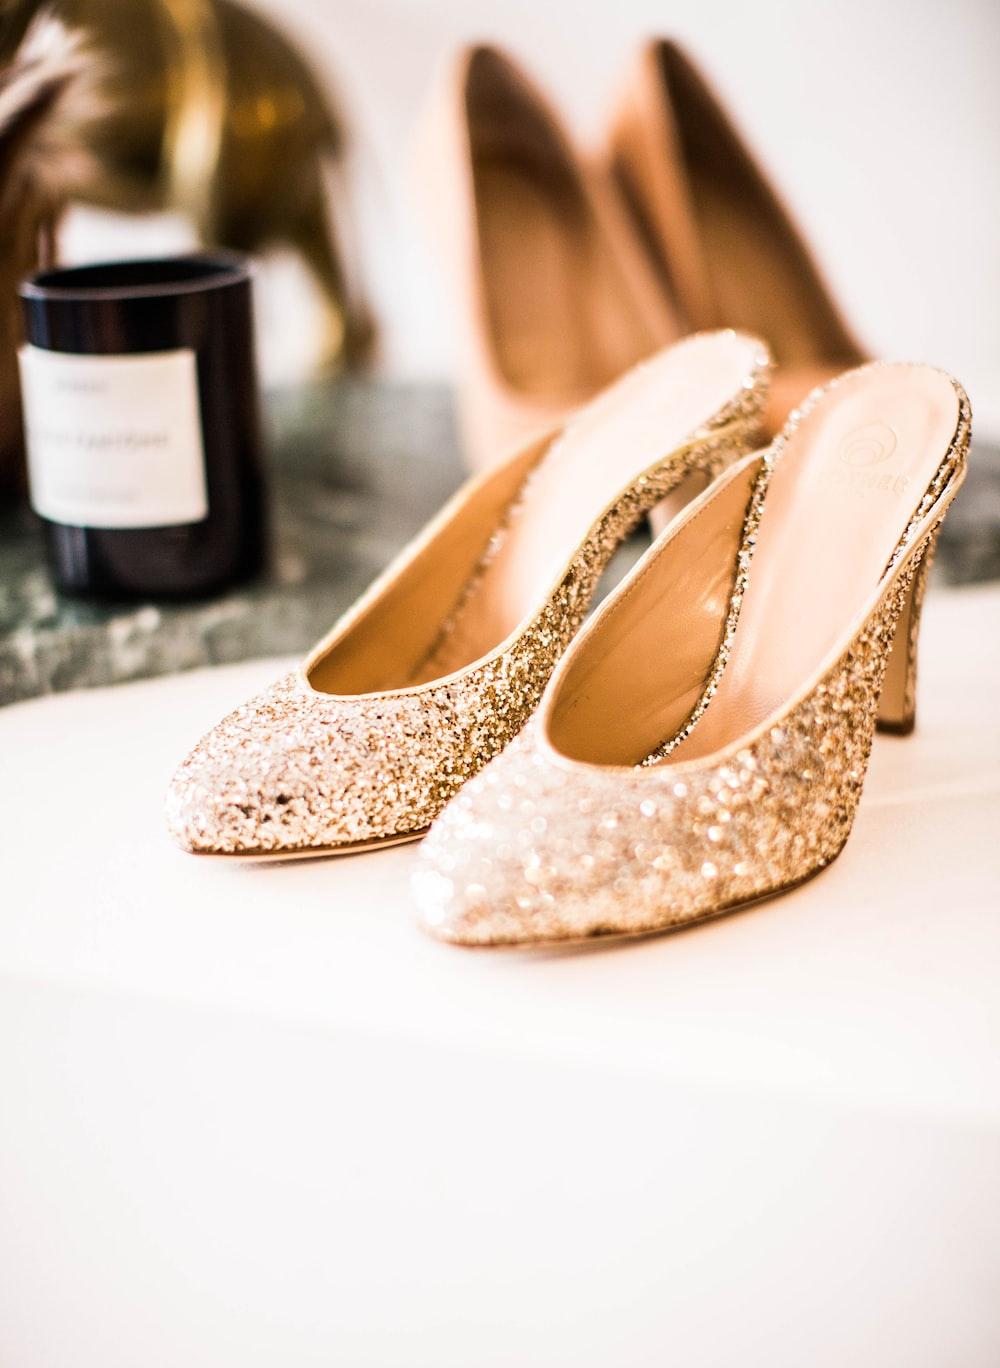 tilt-shift lens photography of glittered gold sandals